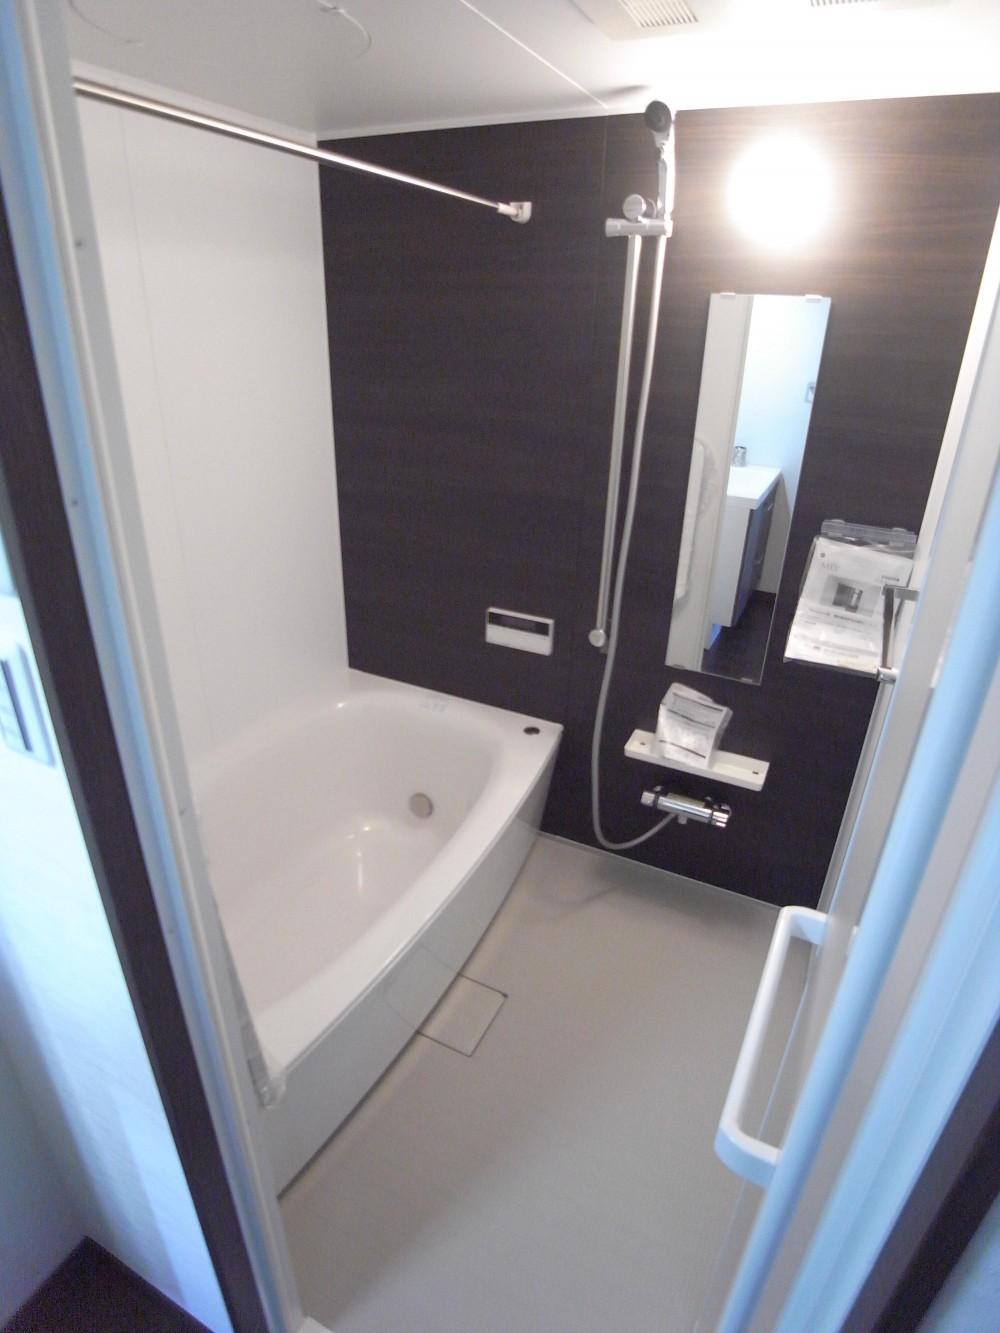 葛飾の一等地に建つ最上階、一部屋(ペントハウス)の魅力あふれるリノベーションマンション (浴室も近代的に造り直ししました)